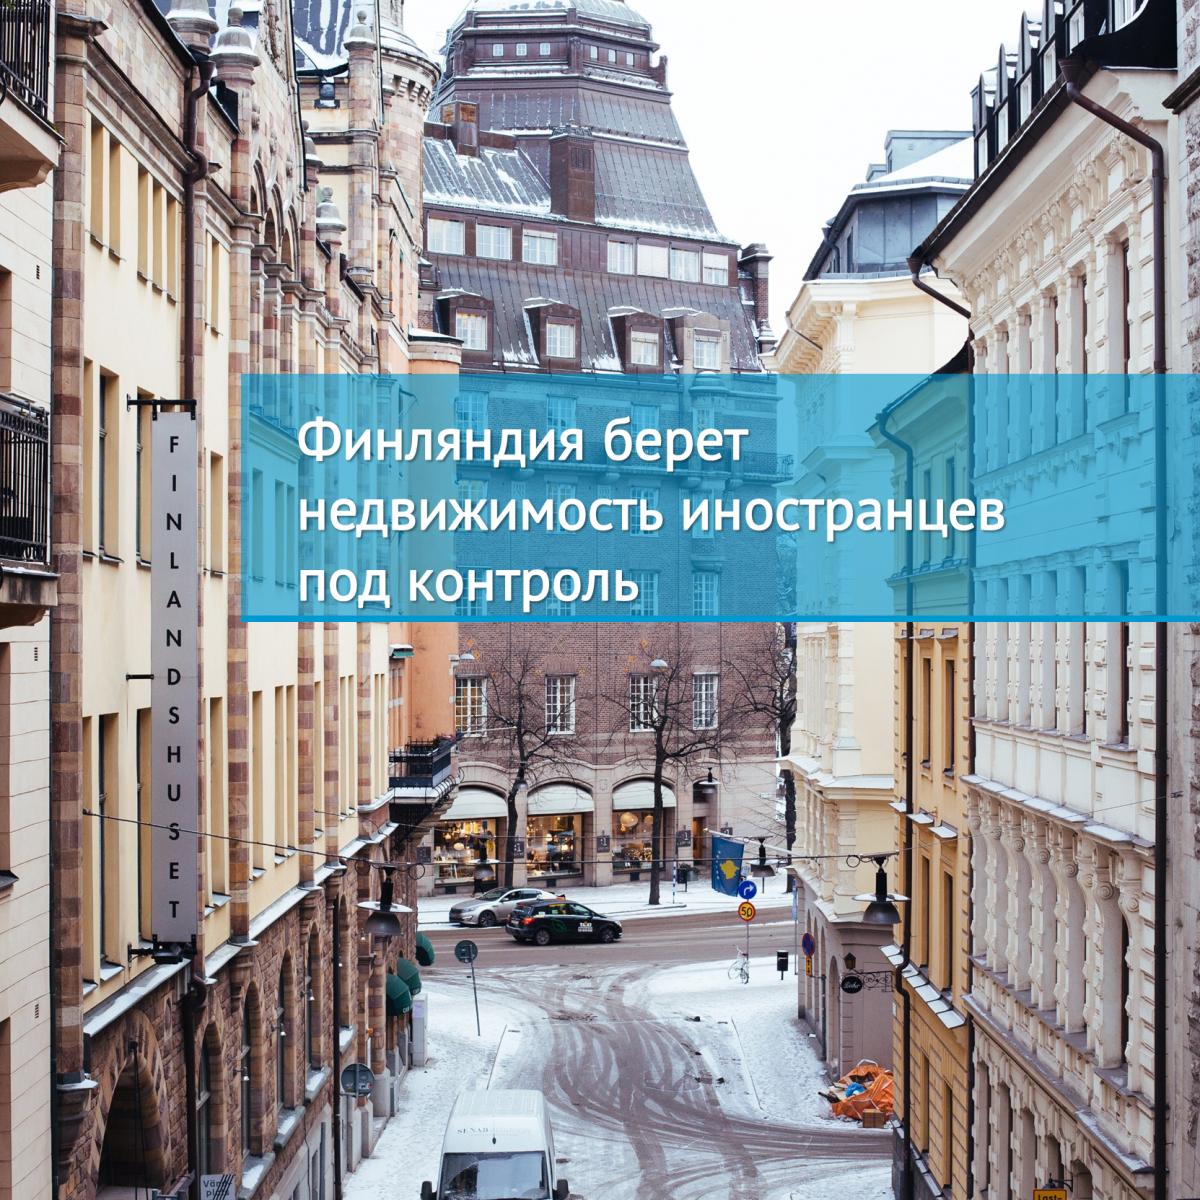 Рынок краткосрочной аренды жилья для путешественников ждет в России бум